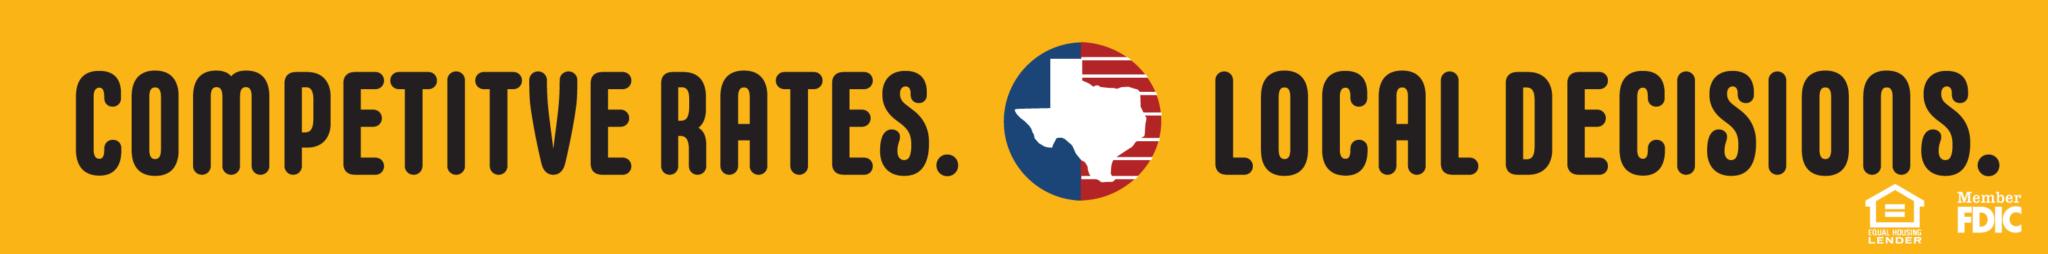 TexasBank2019MortgageAdsFlash-04